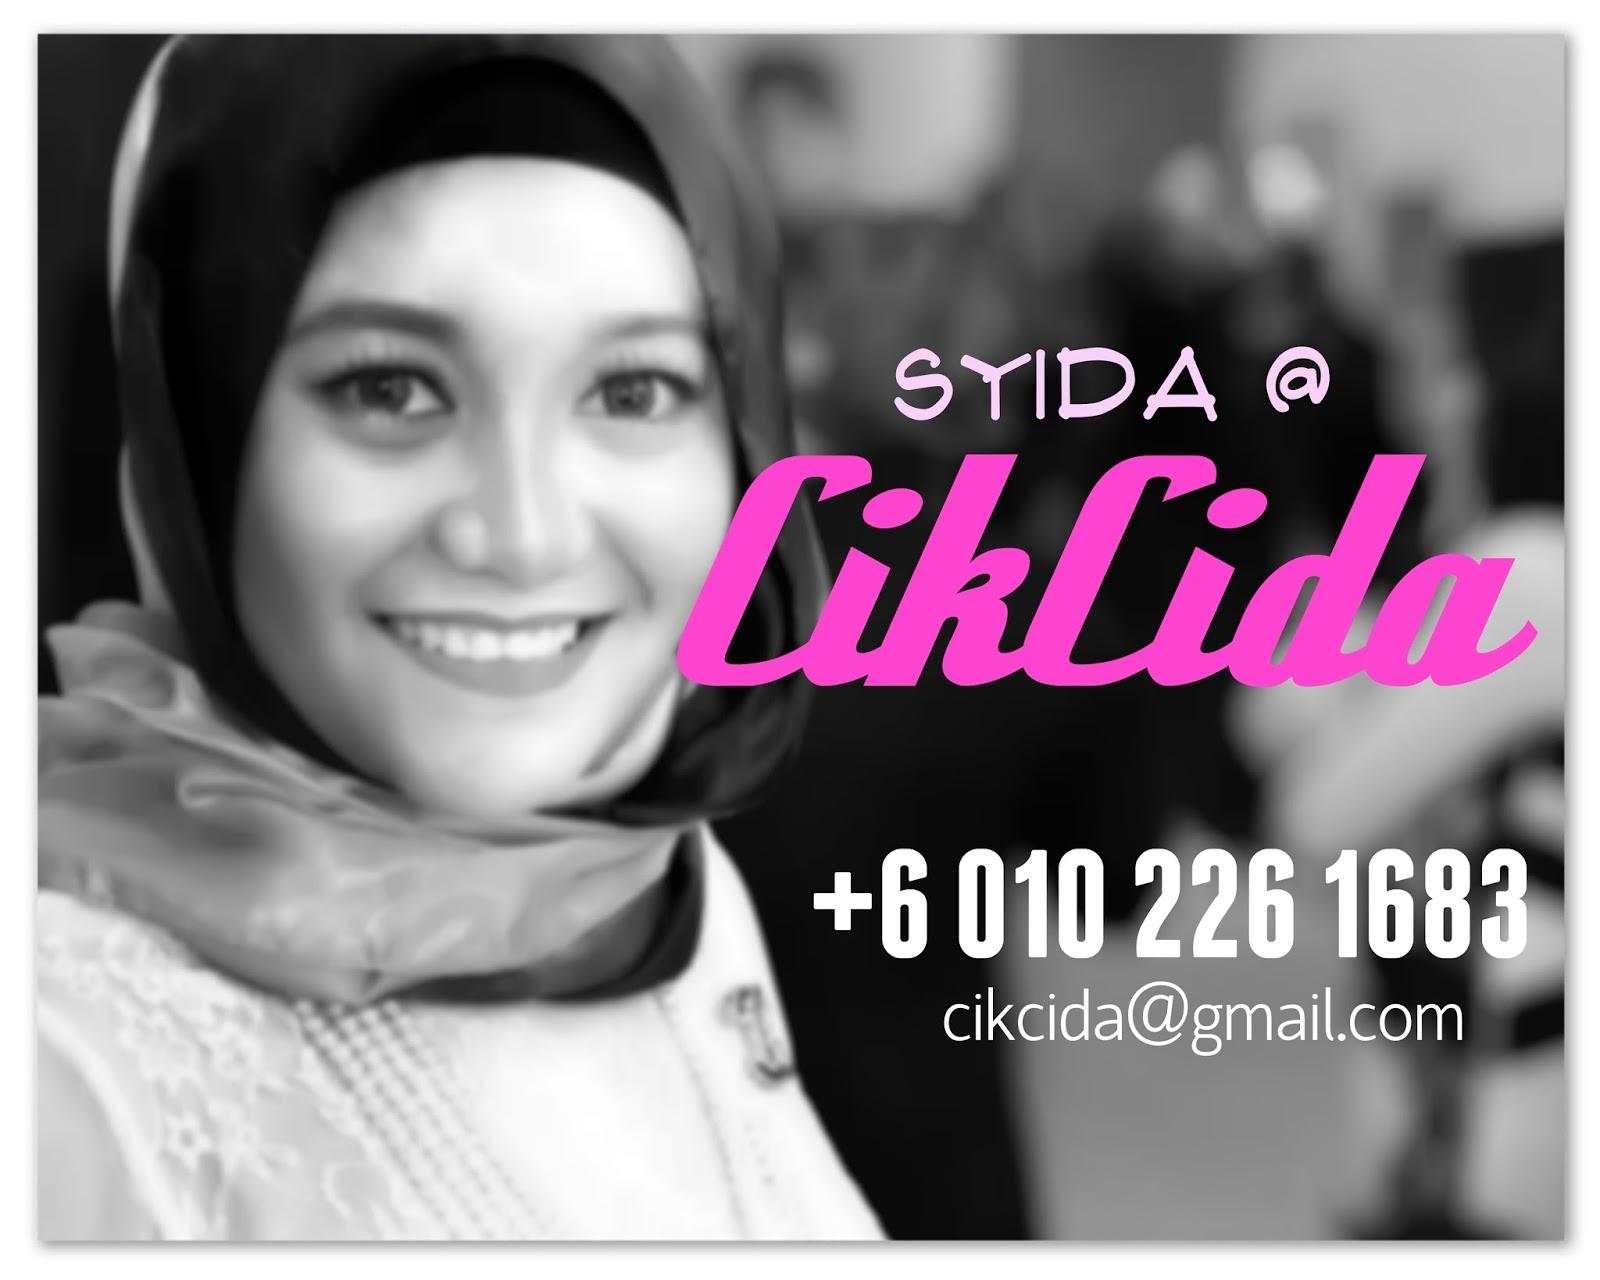 Contact CikCida